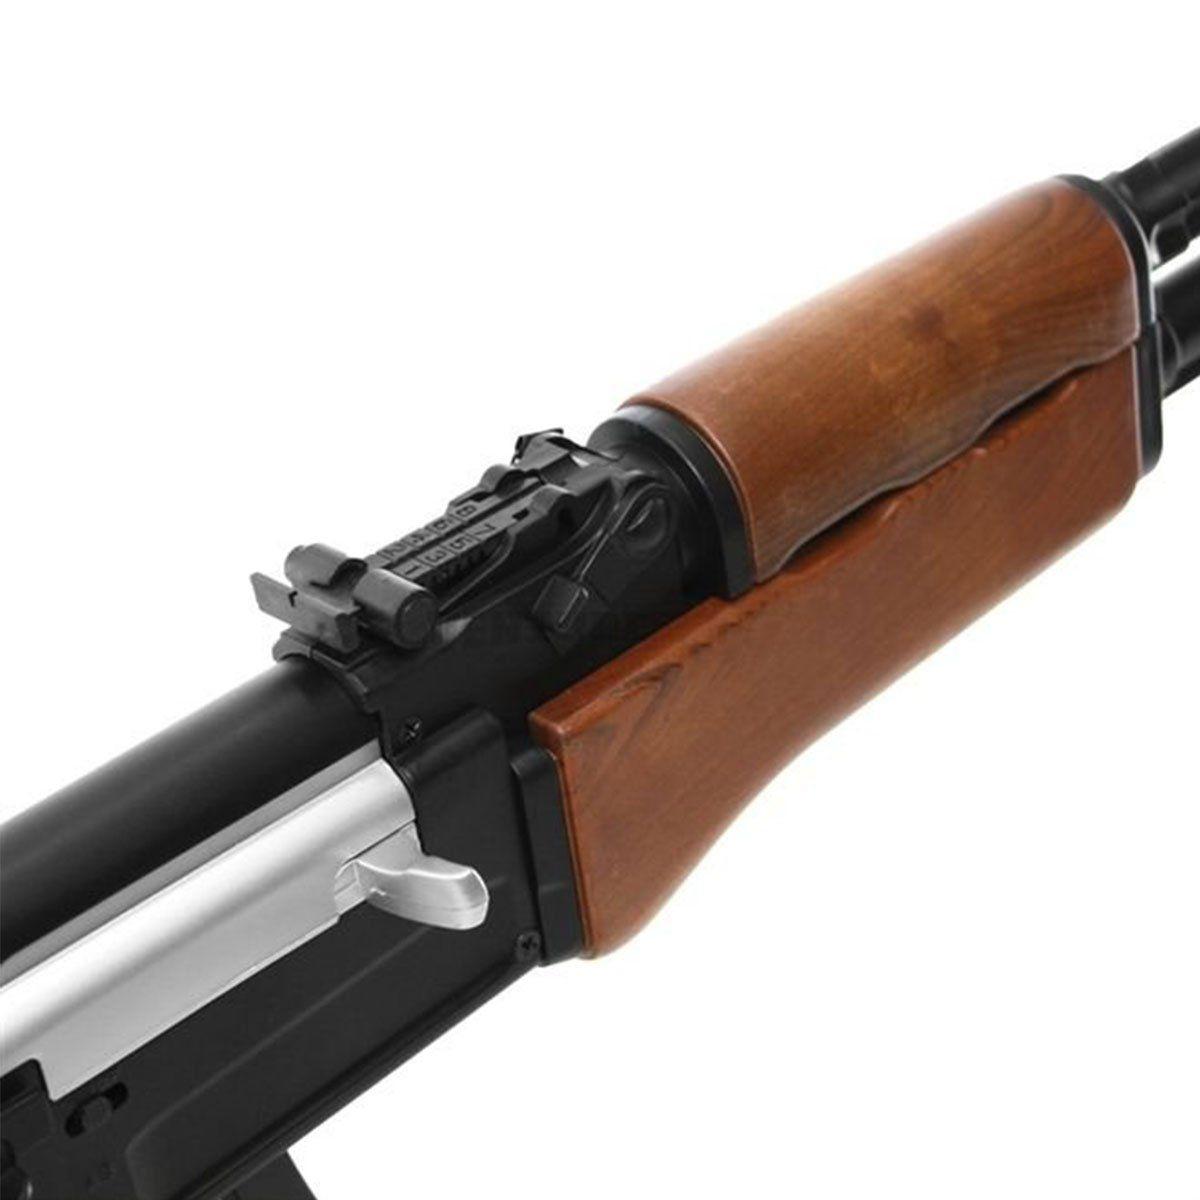 Rifle de Airsoft Cyma AK47 Toy CM022 Eletrico 6mm